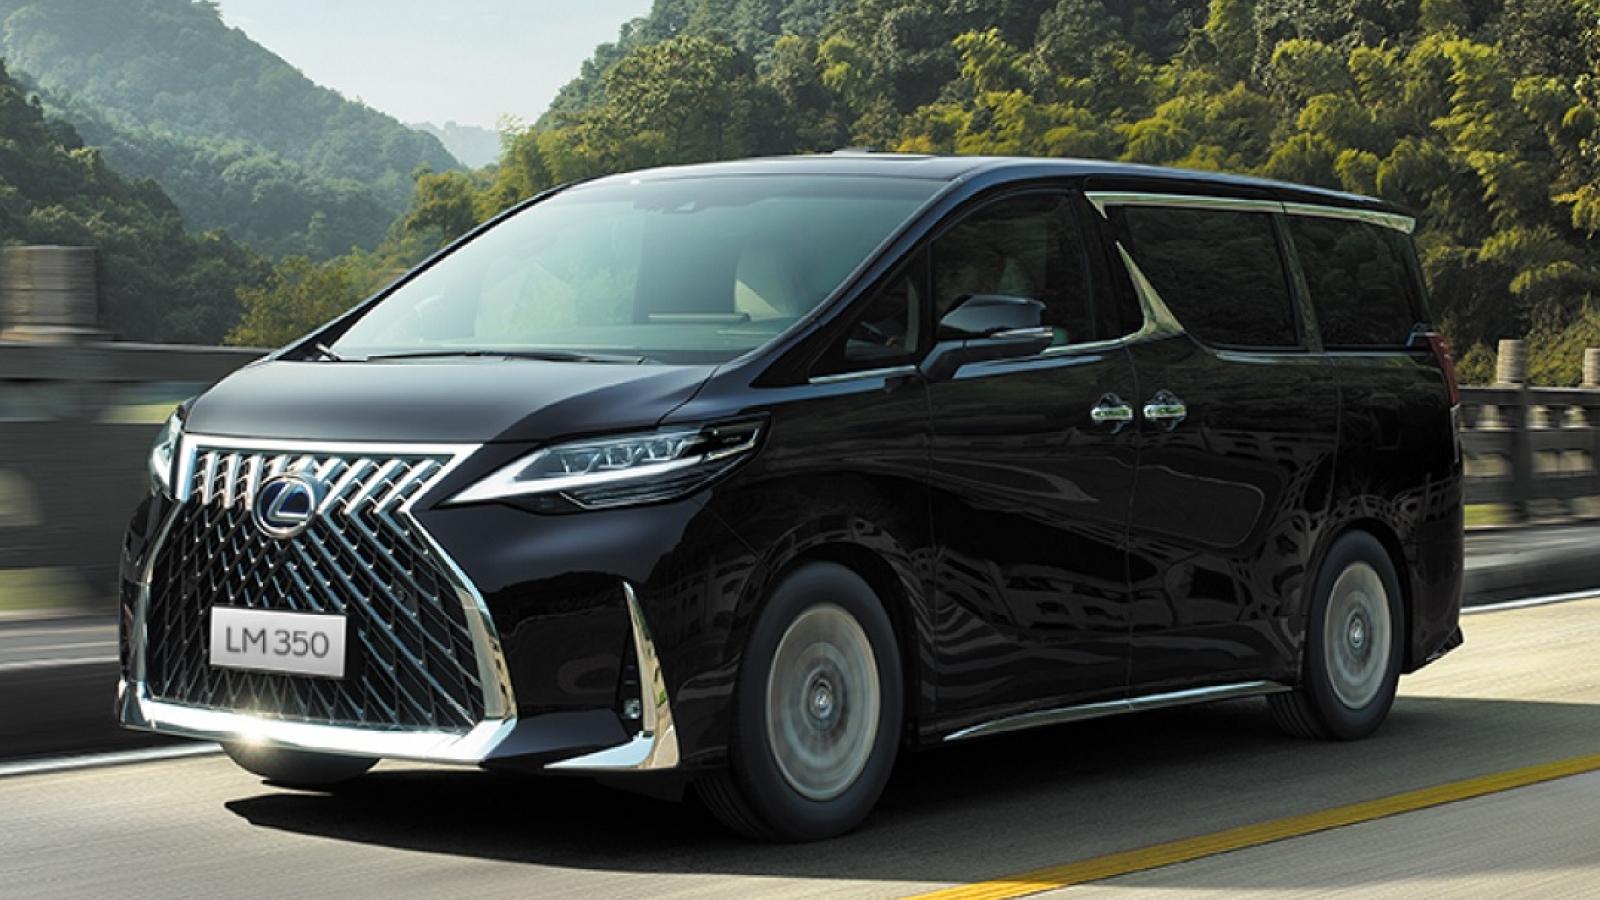 Lexus LM350 chính thức trình làng, giá cao nhất hơn 8 tỷ đồng